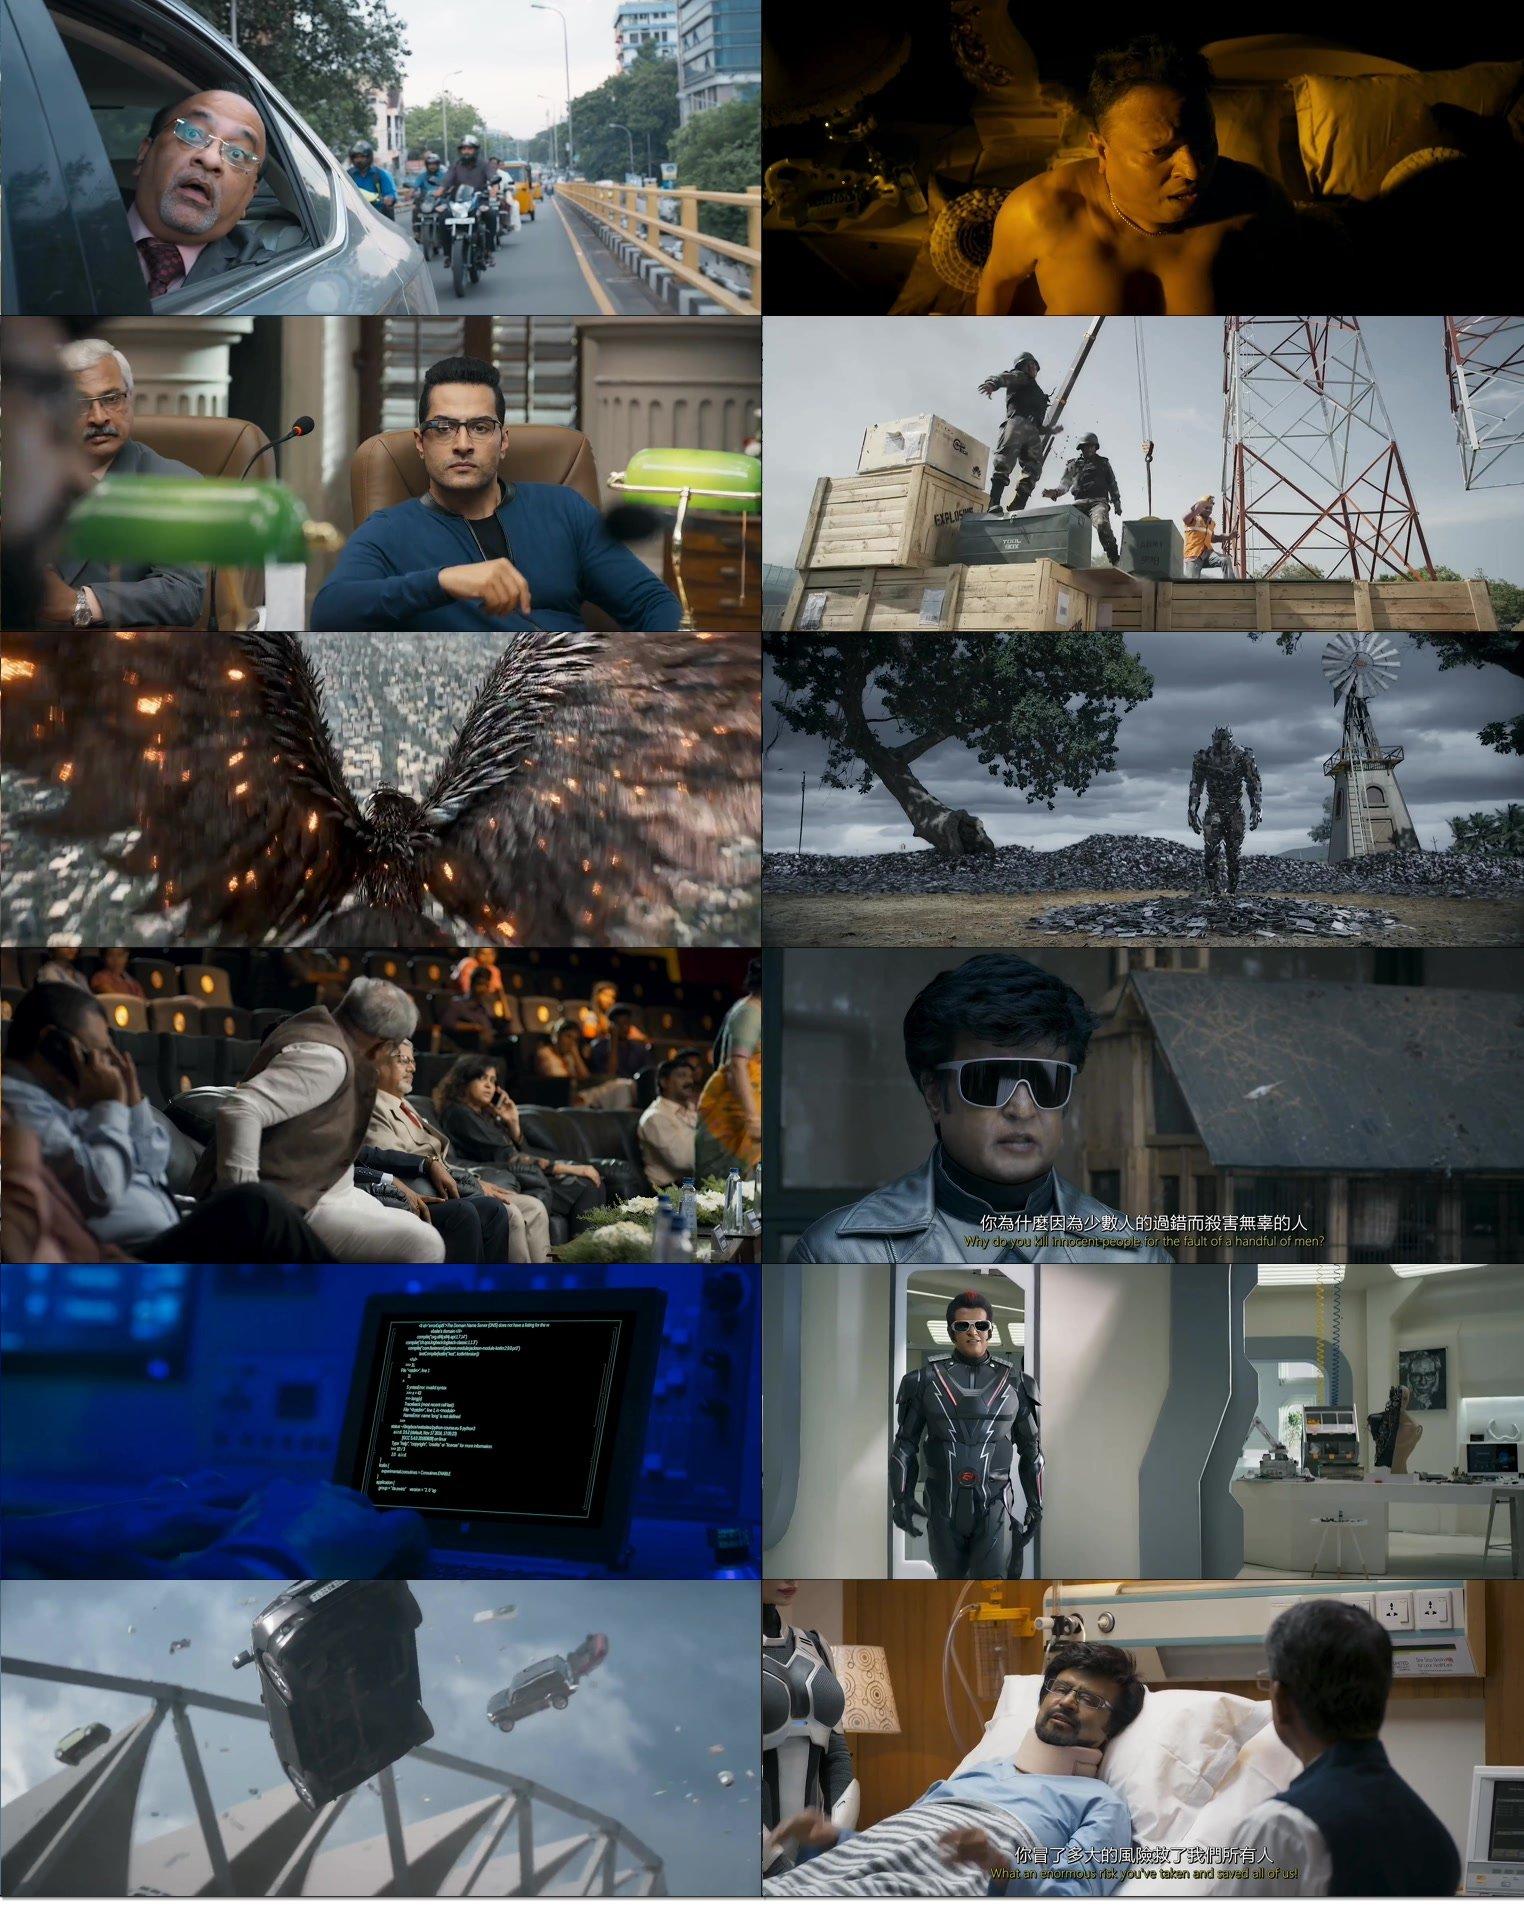 這邊是寶萊塢機器人2.0:重生歸來.2018.HD-1080p[MKV@2.7G@繁簡英]圖片的自定義alt信息;548938,731177,haokuku,91